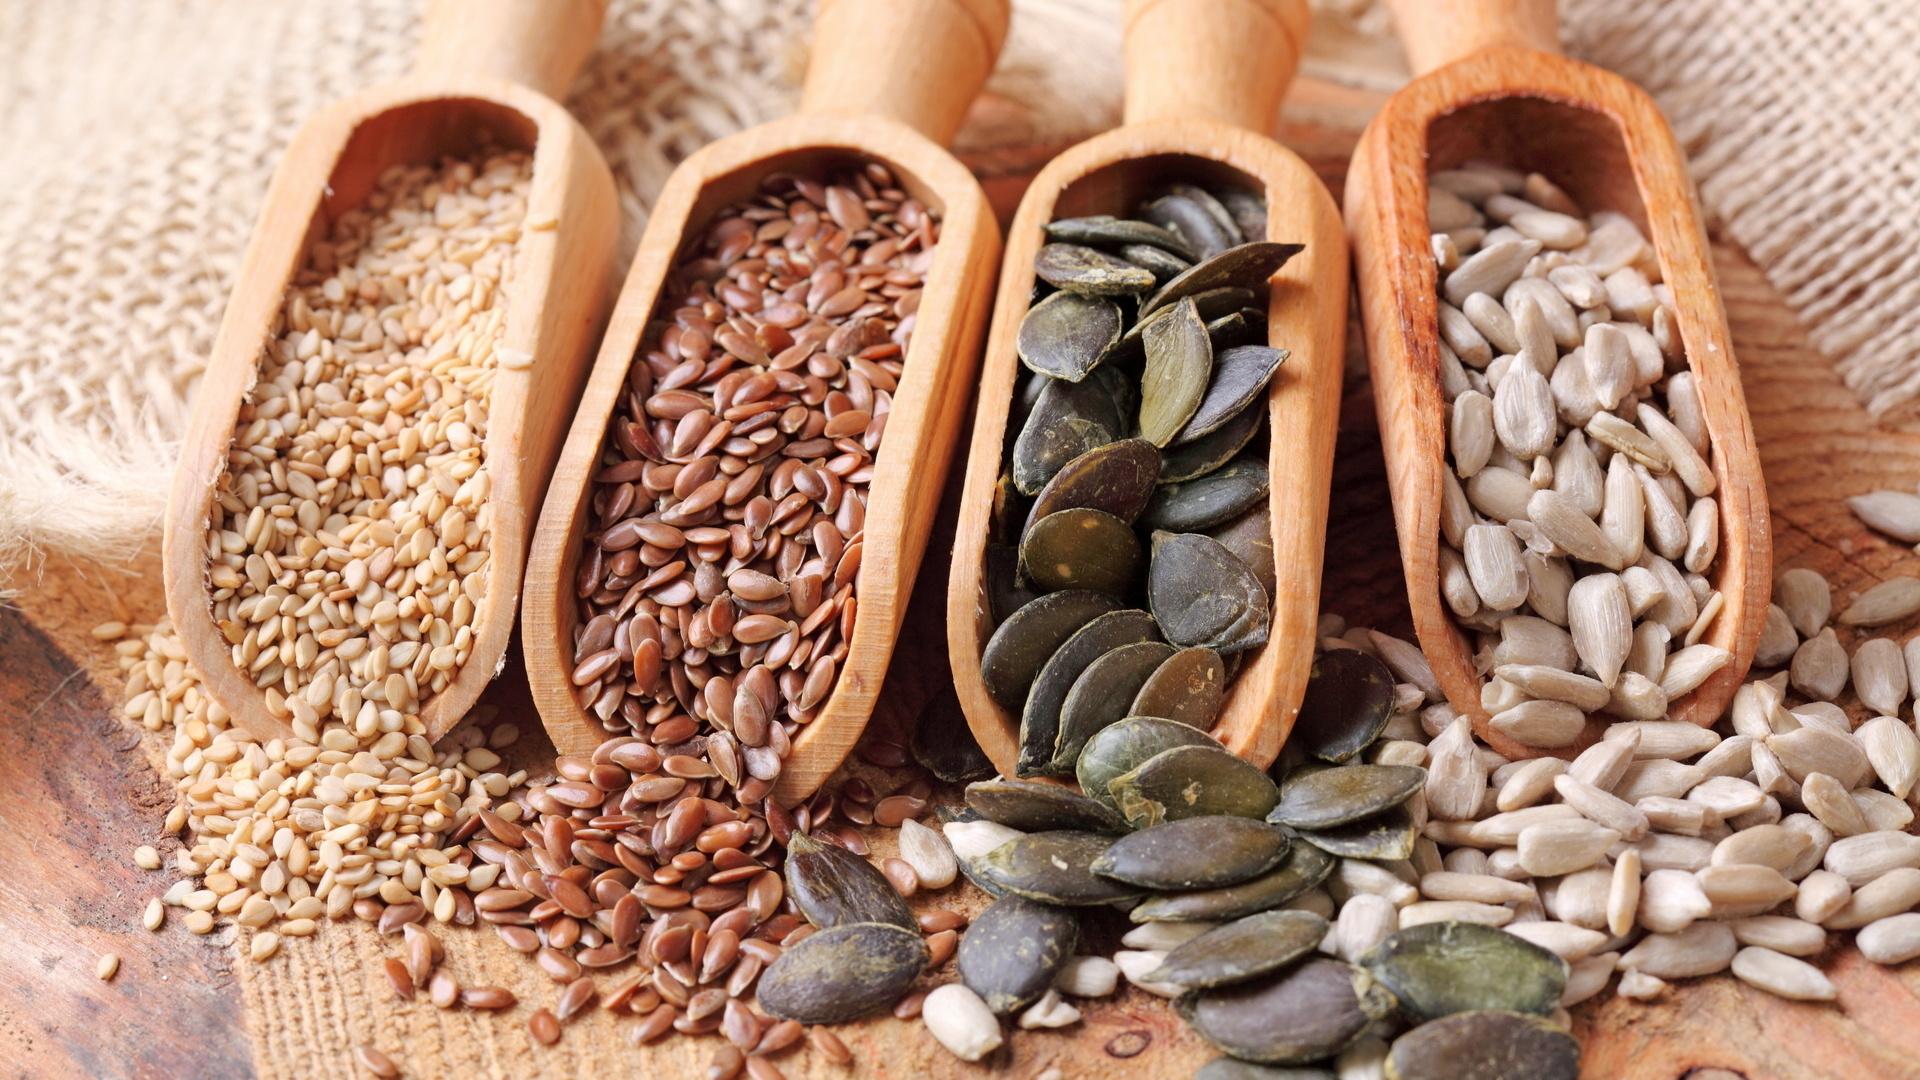 семечки жареные повышают холестерин